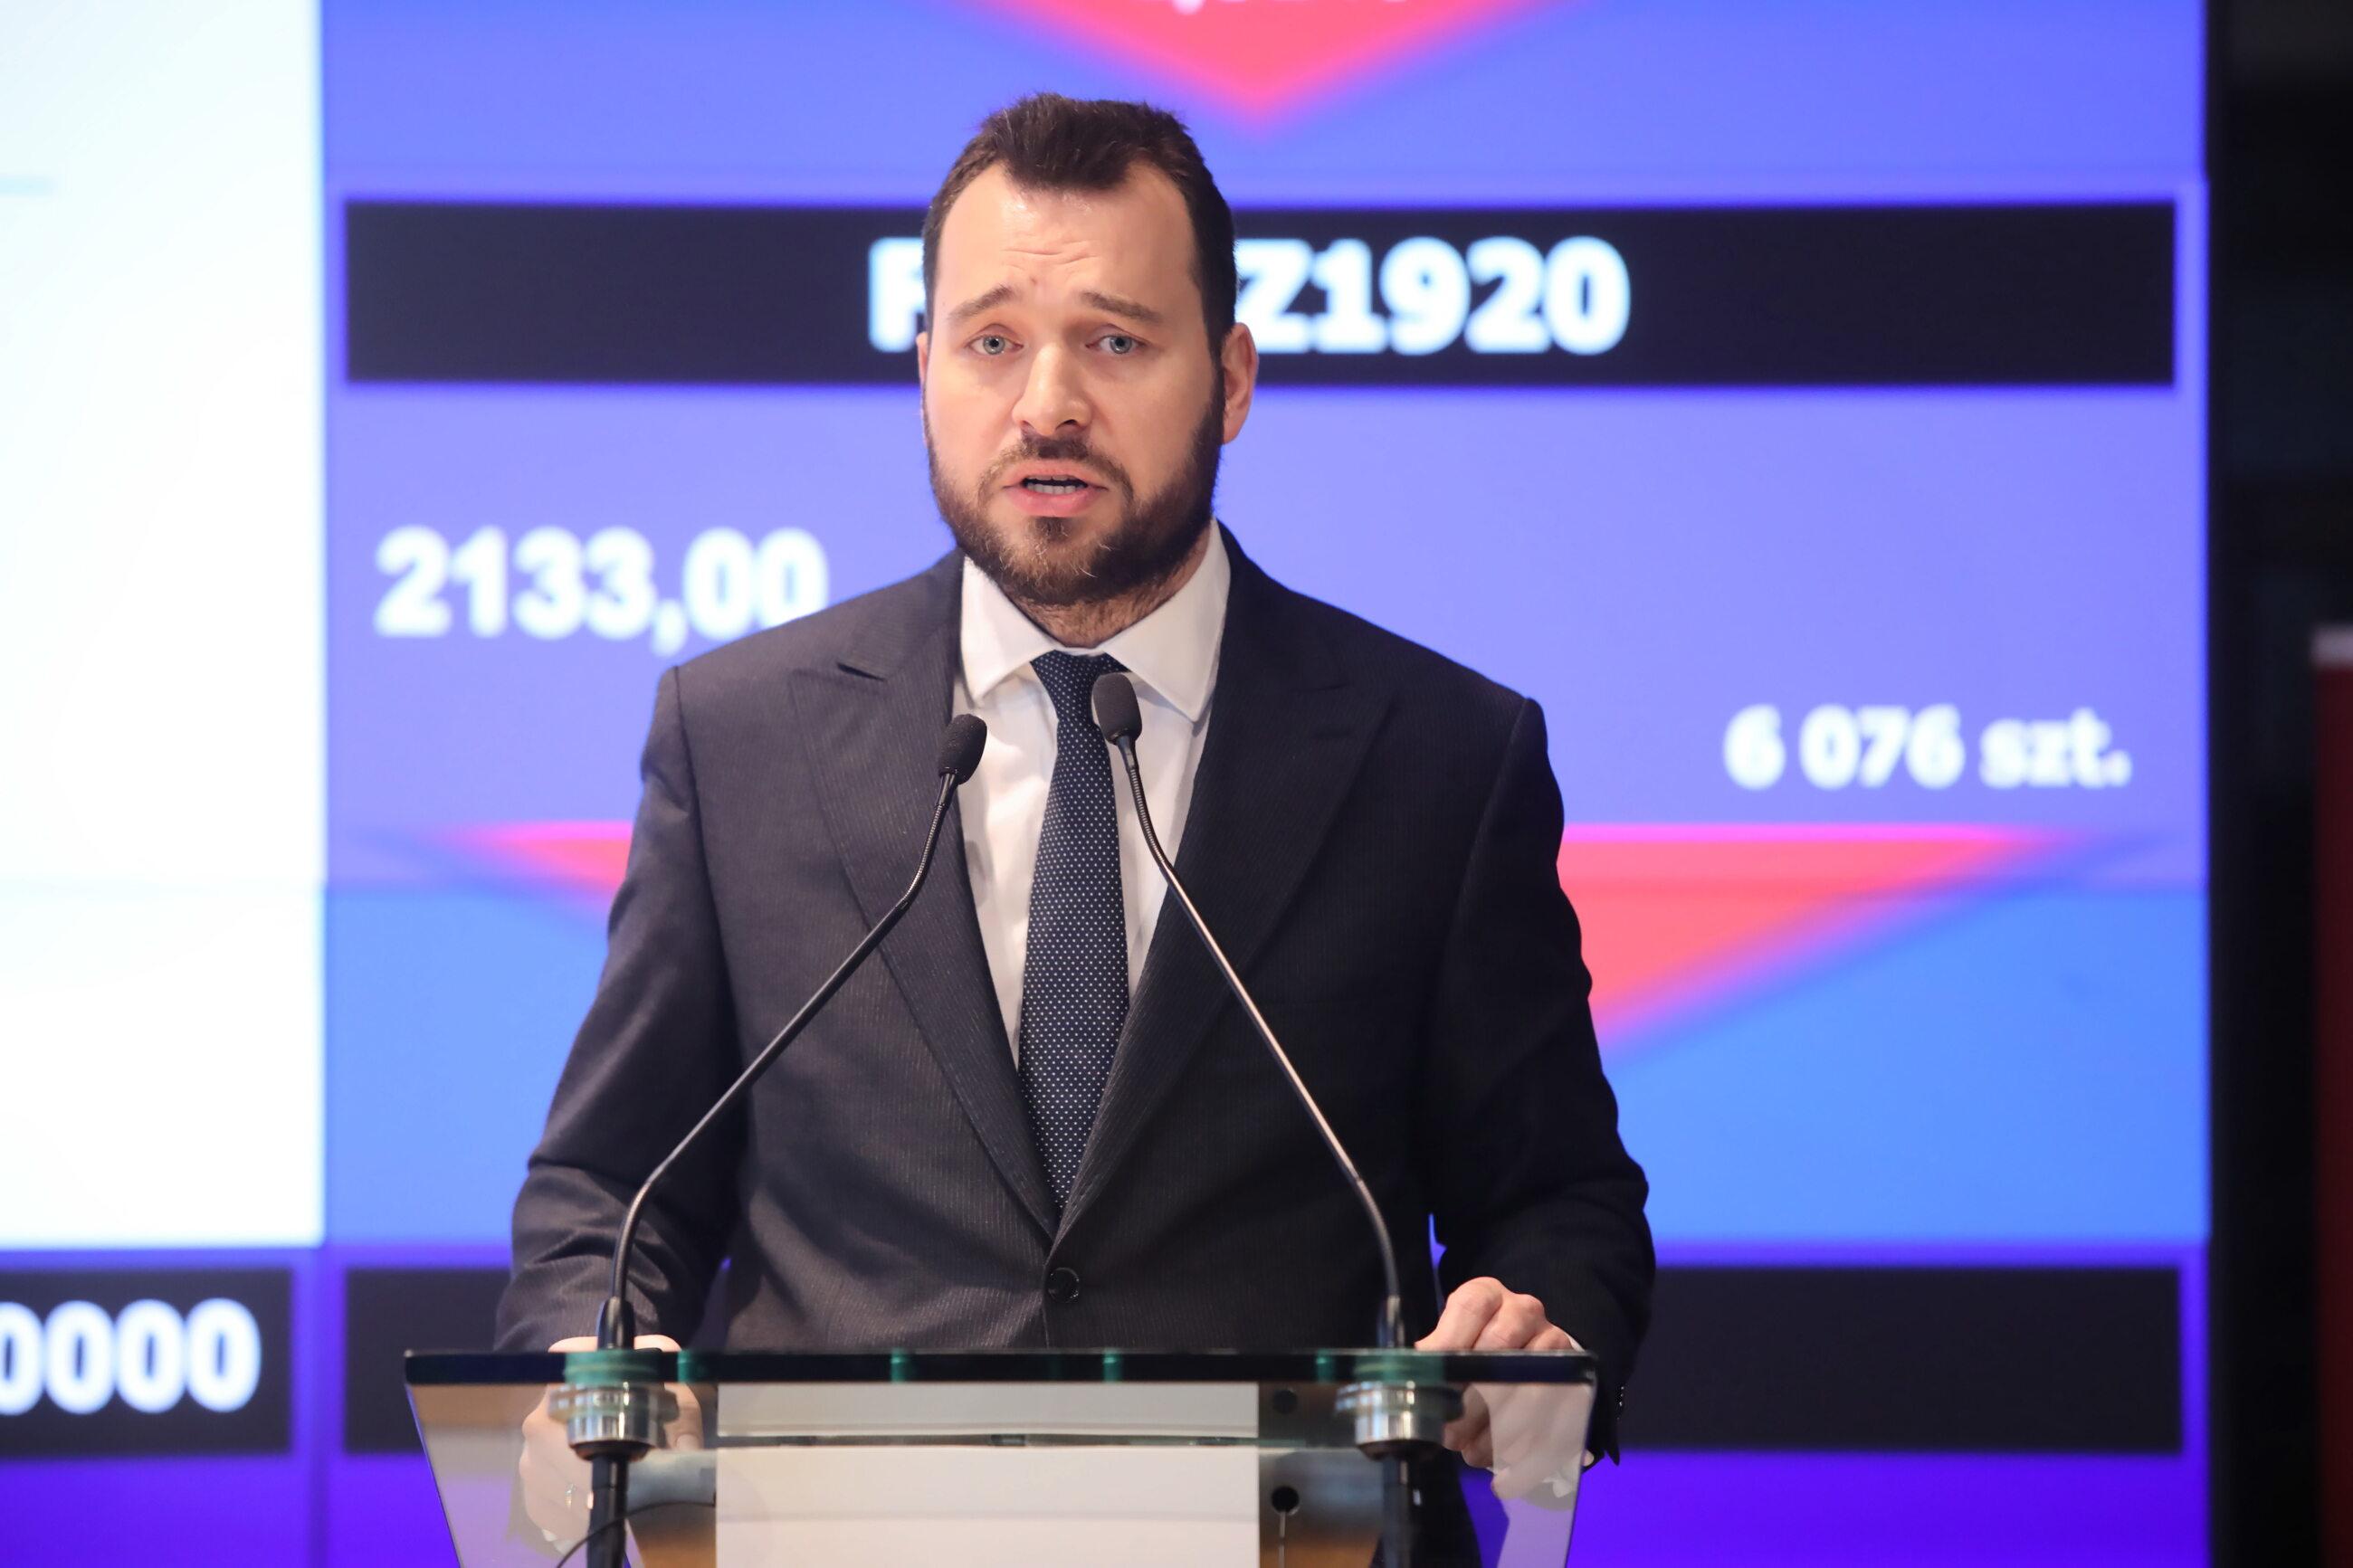 Dyrektor Polskiego Instytutu Ekonomicznego Piotr Arak